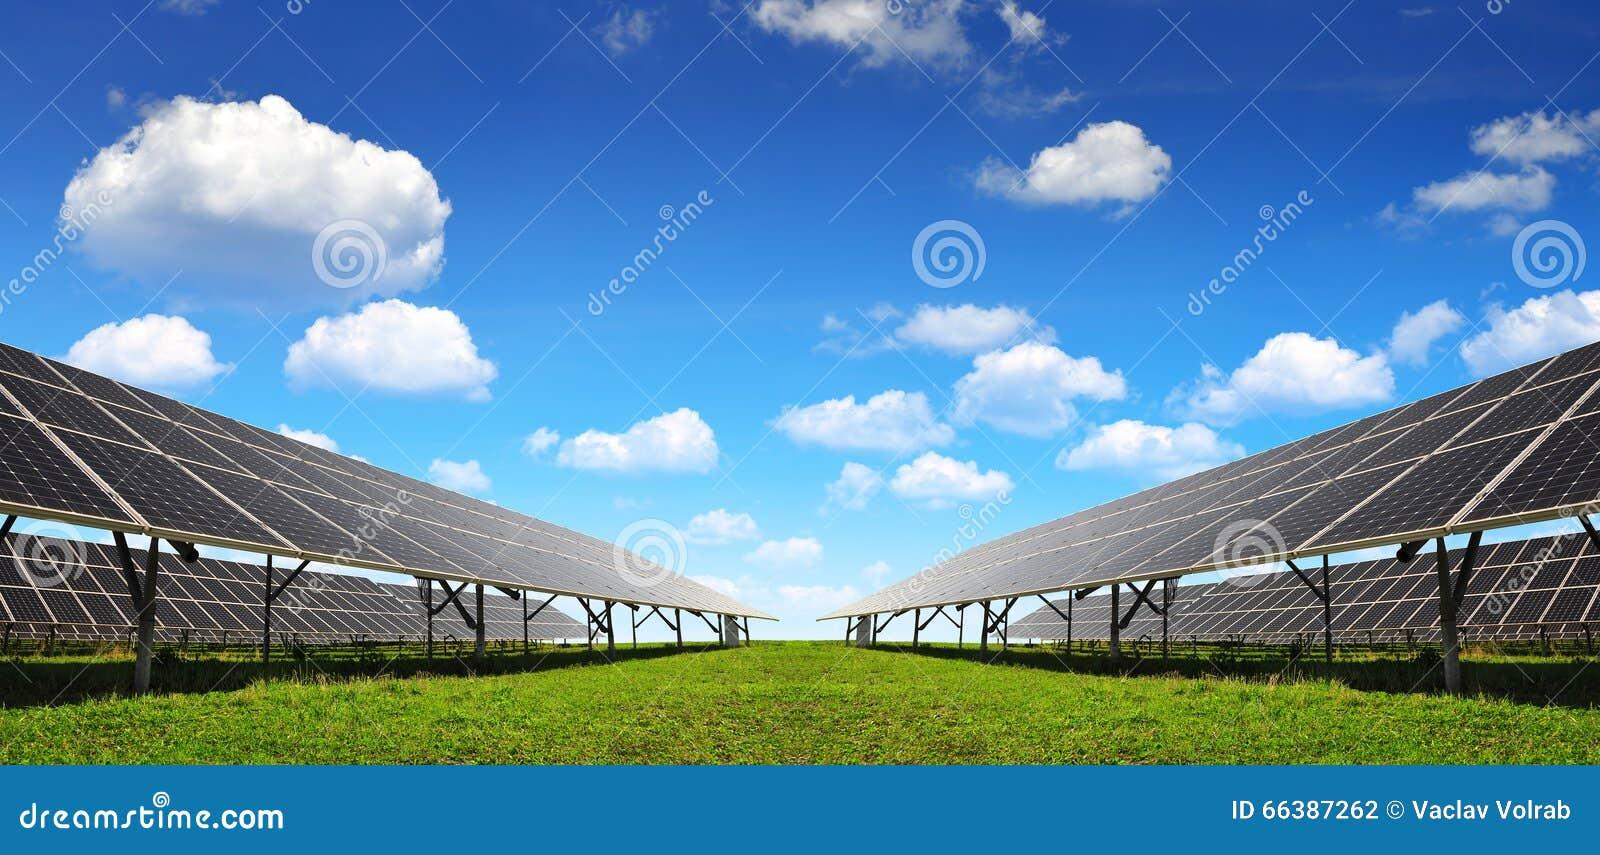 Nachricht der Sonnenenergie panels